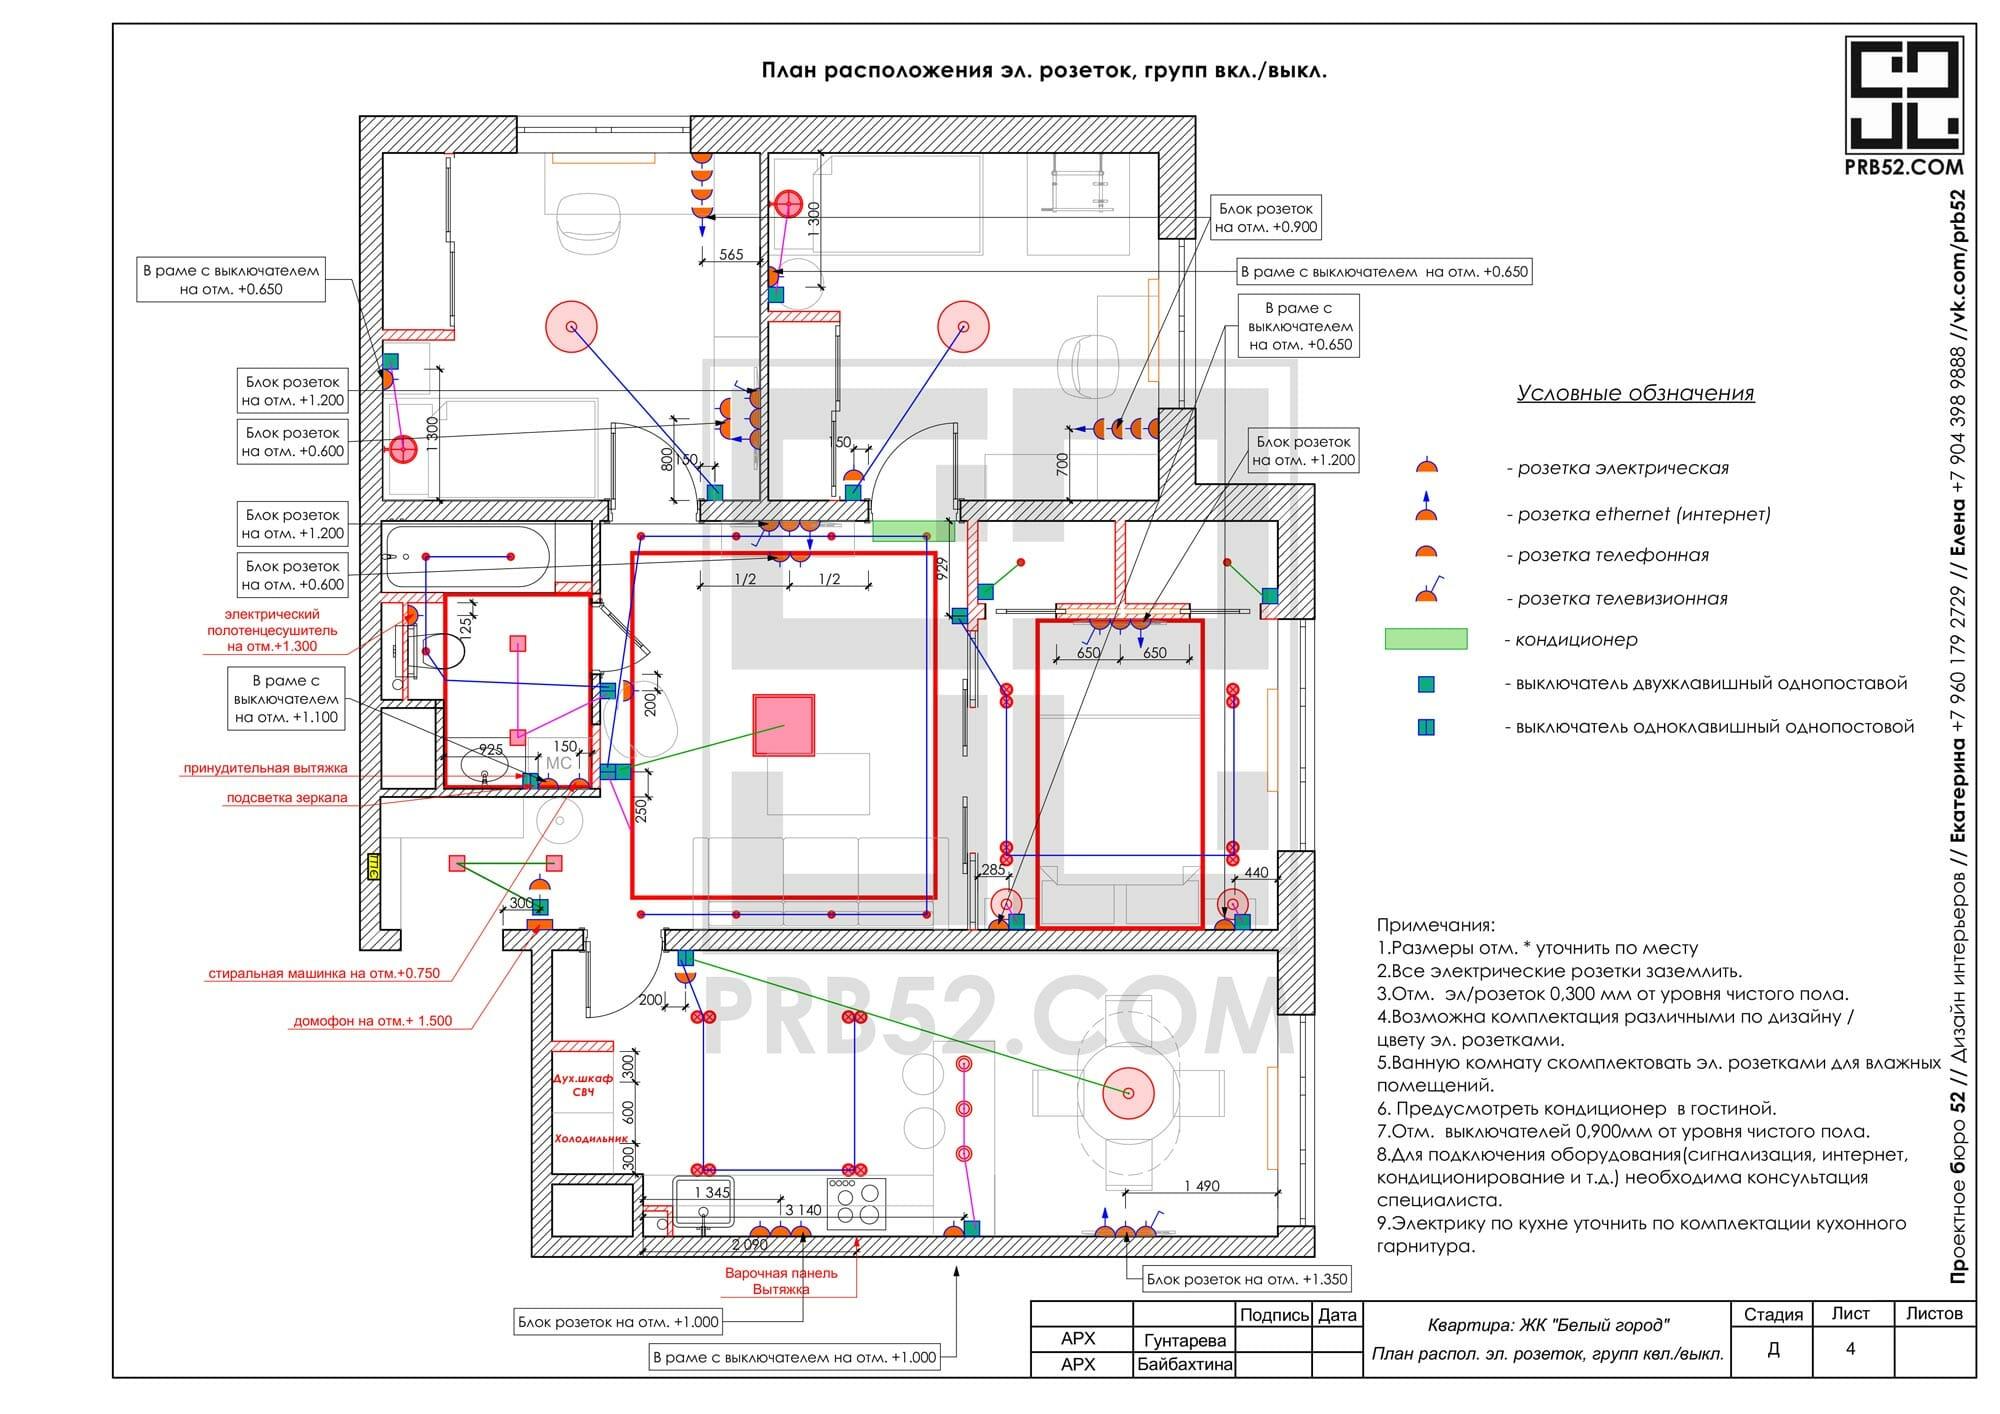 дизайн интерьера планы электрики